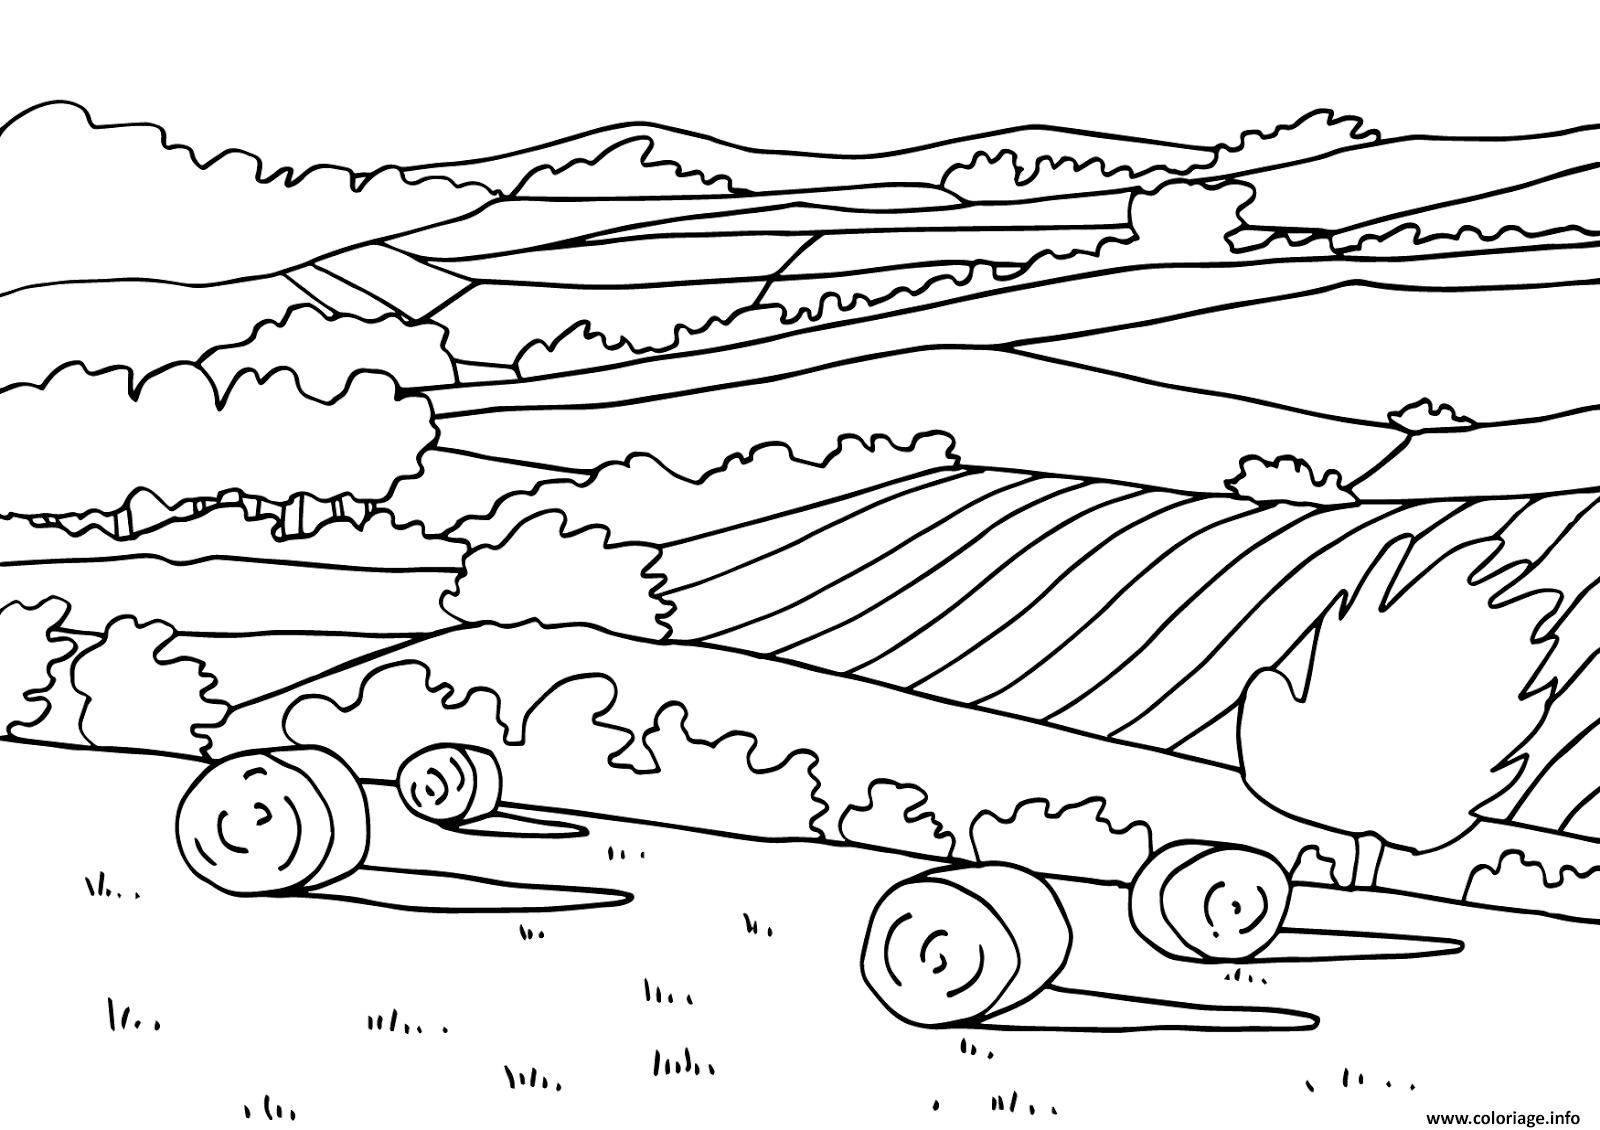 Coloriage paysage naturel plaines dessin - Dessin a colorier paysage ...